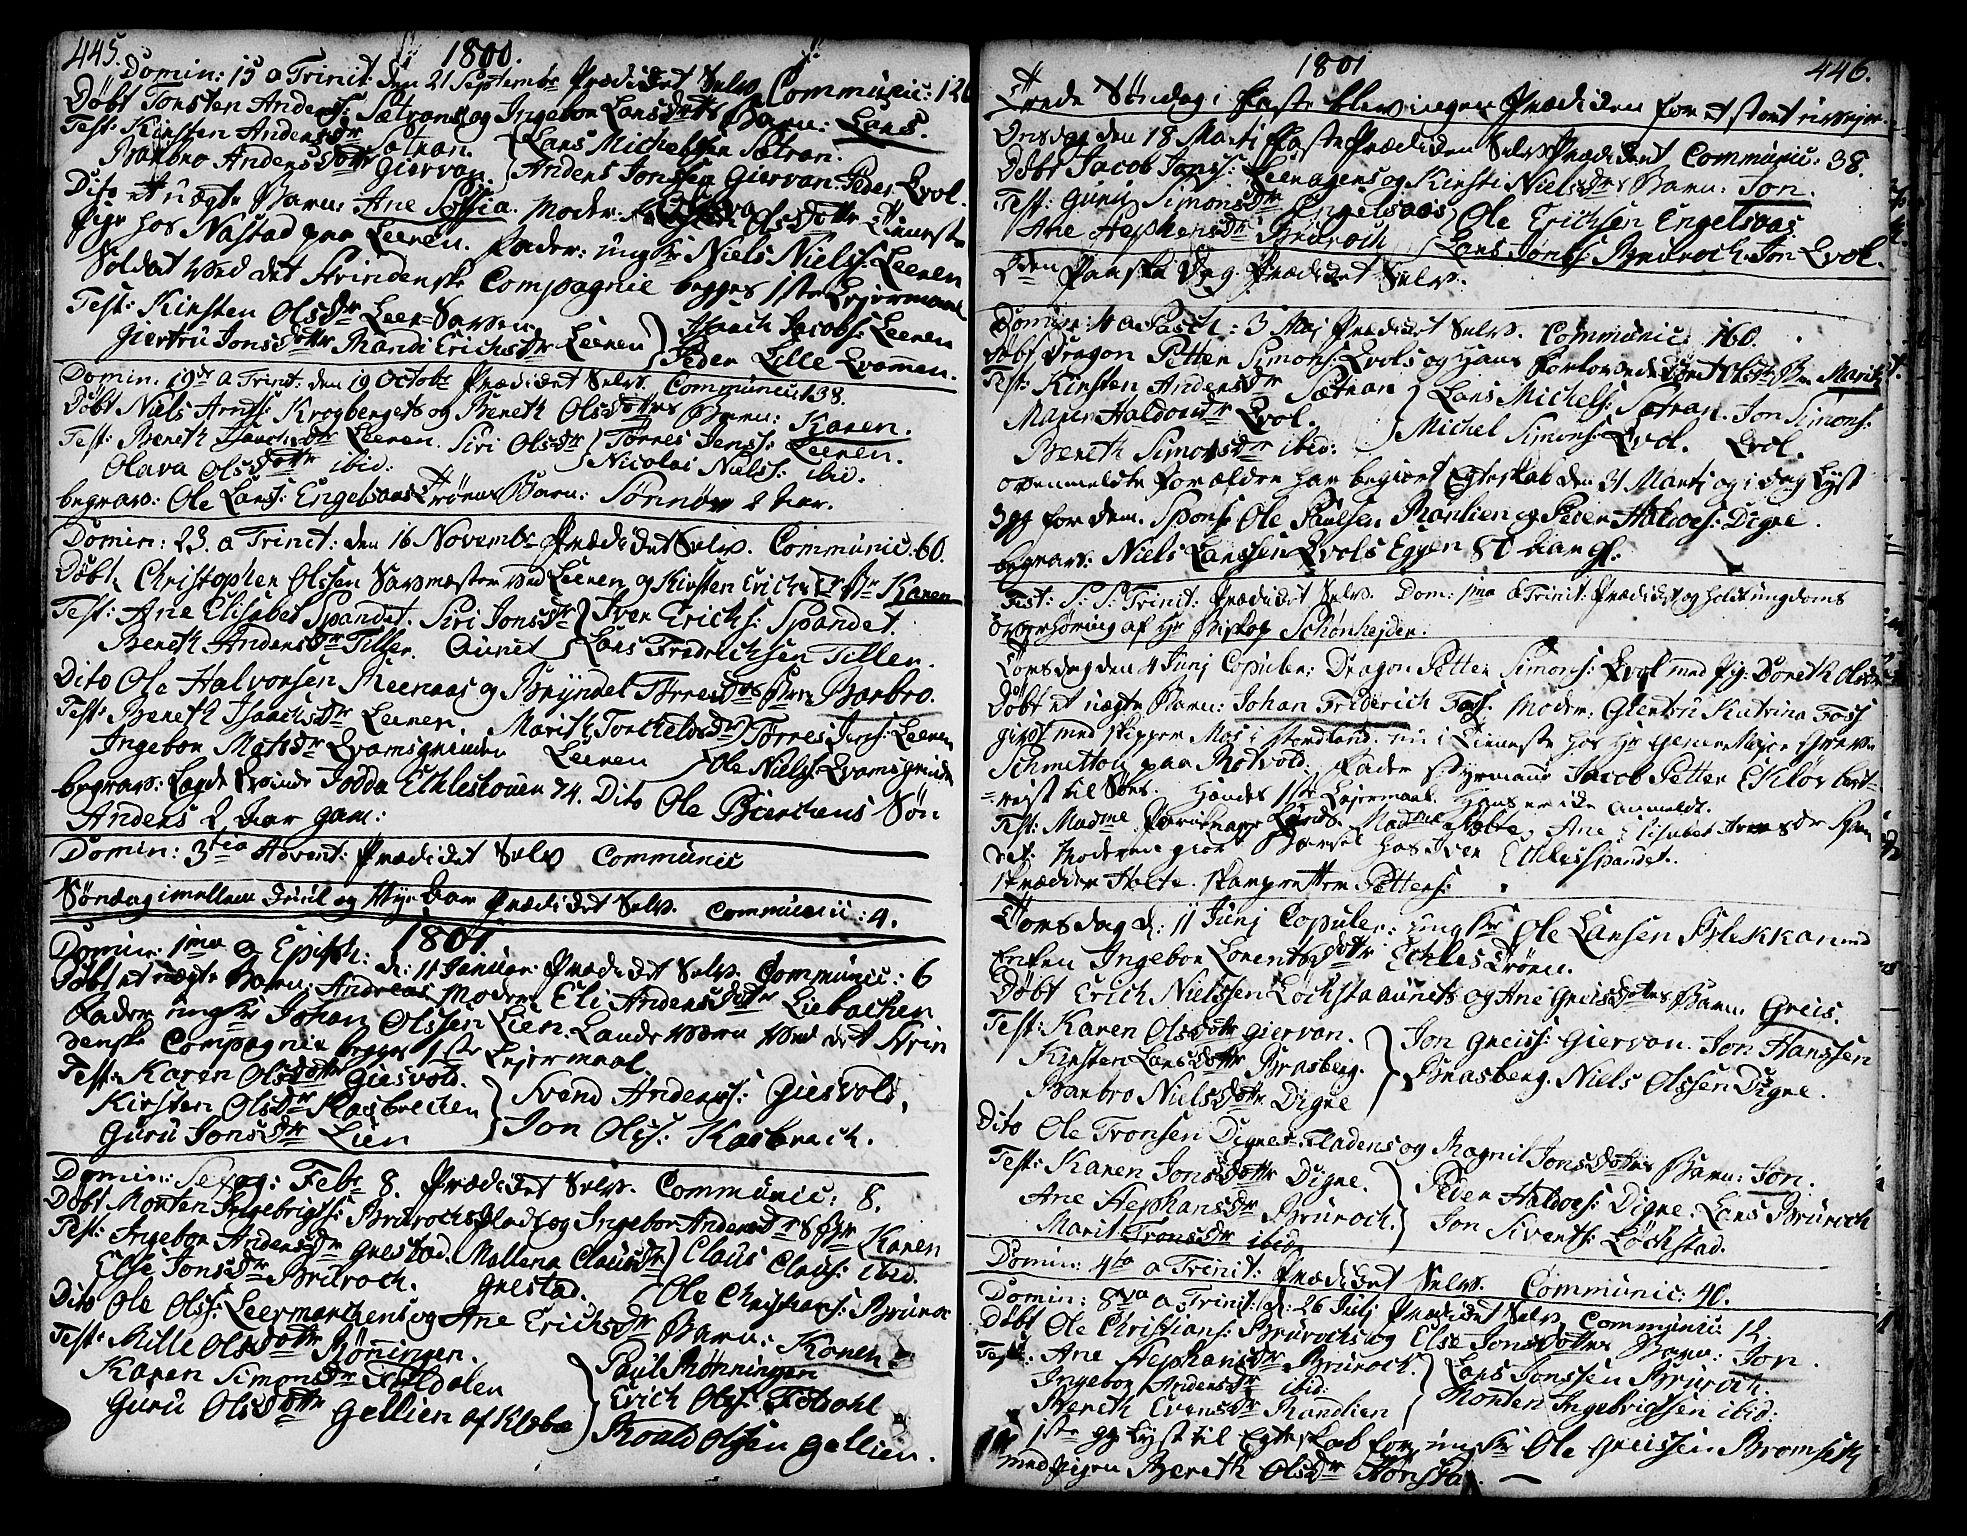 SAT, Ministerialprotokoller, klokkerbøker og fødselsregistre - Sør-Trøndelag, 606/L0282: Ministerialbok nr. 606A02 /3, 1781-1817, s. 445-446